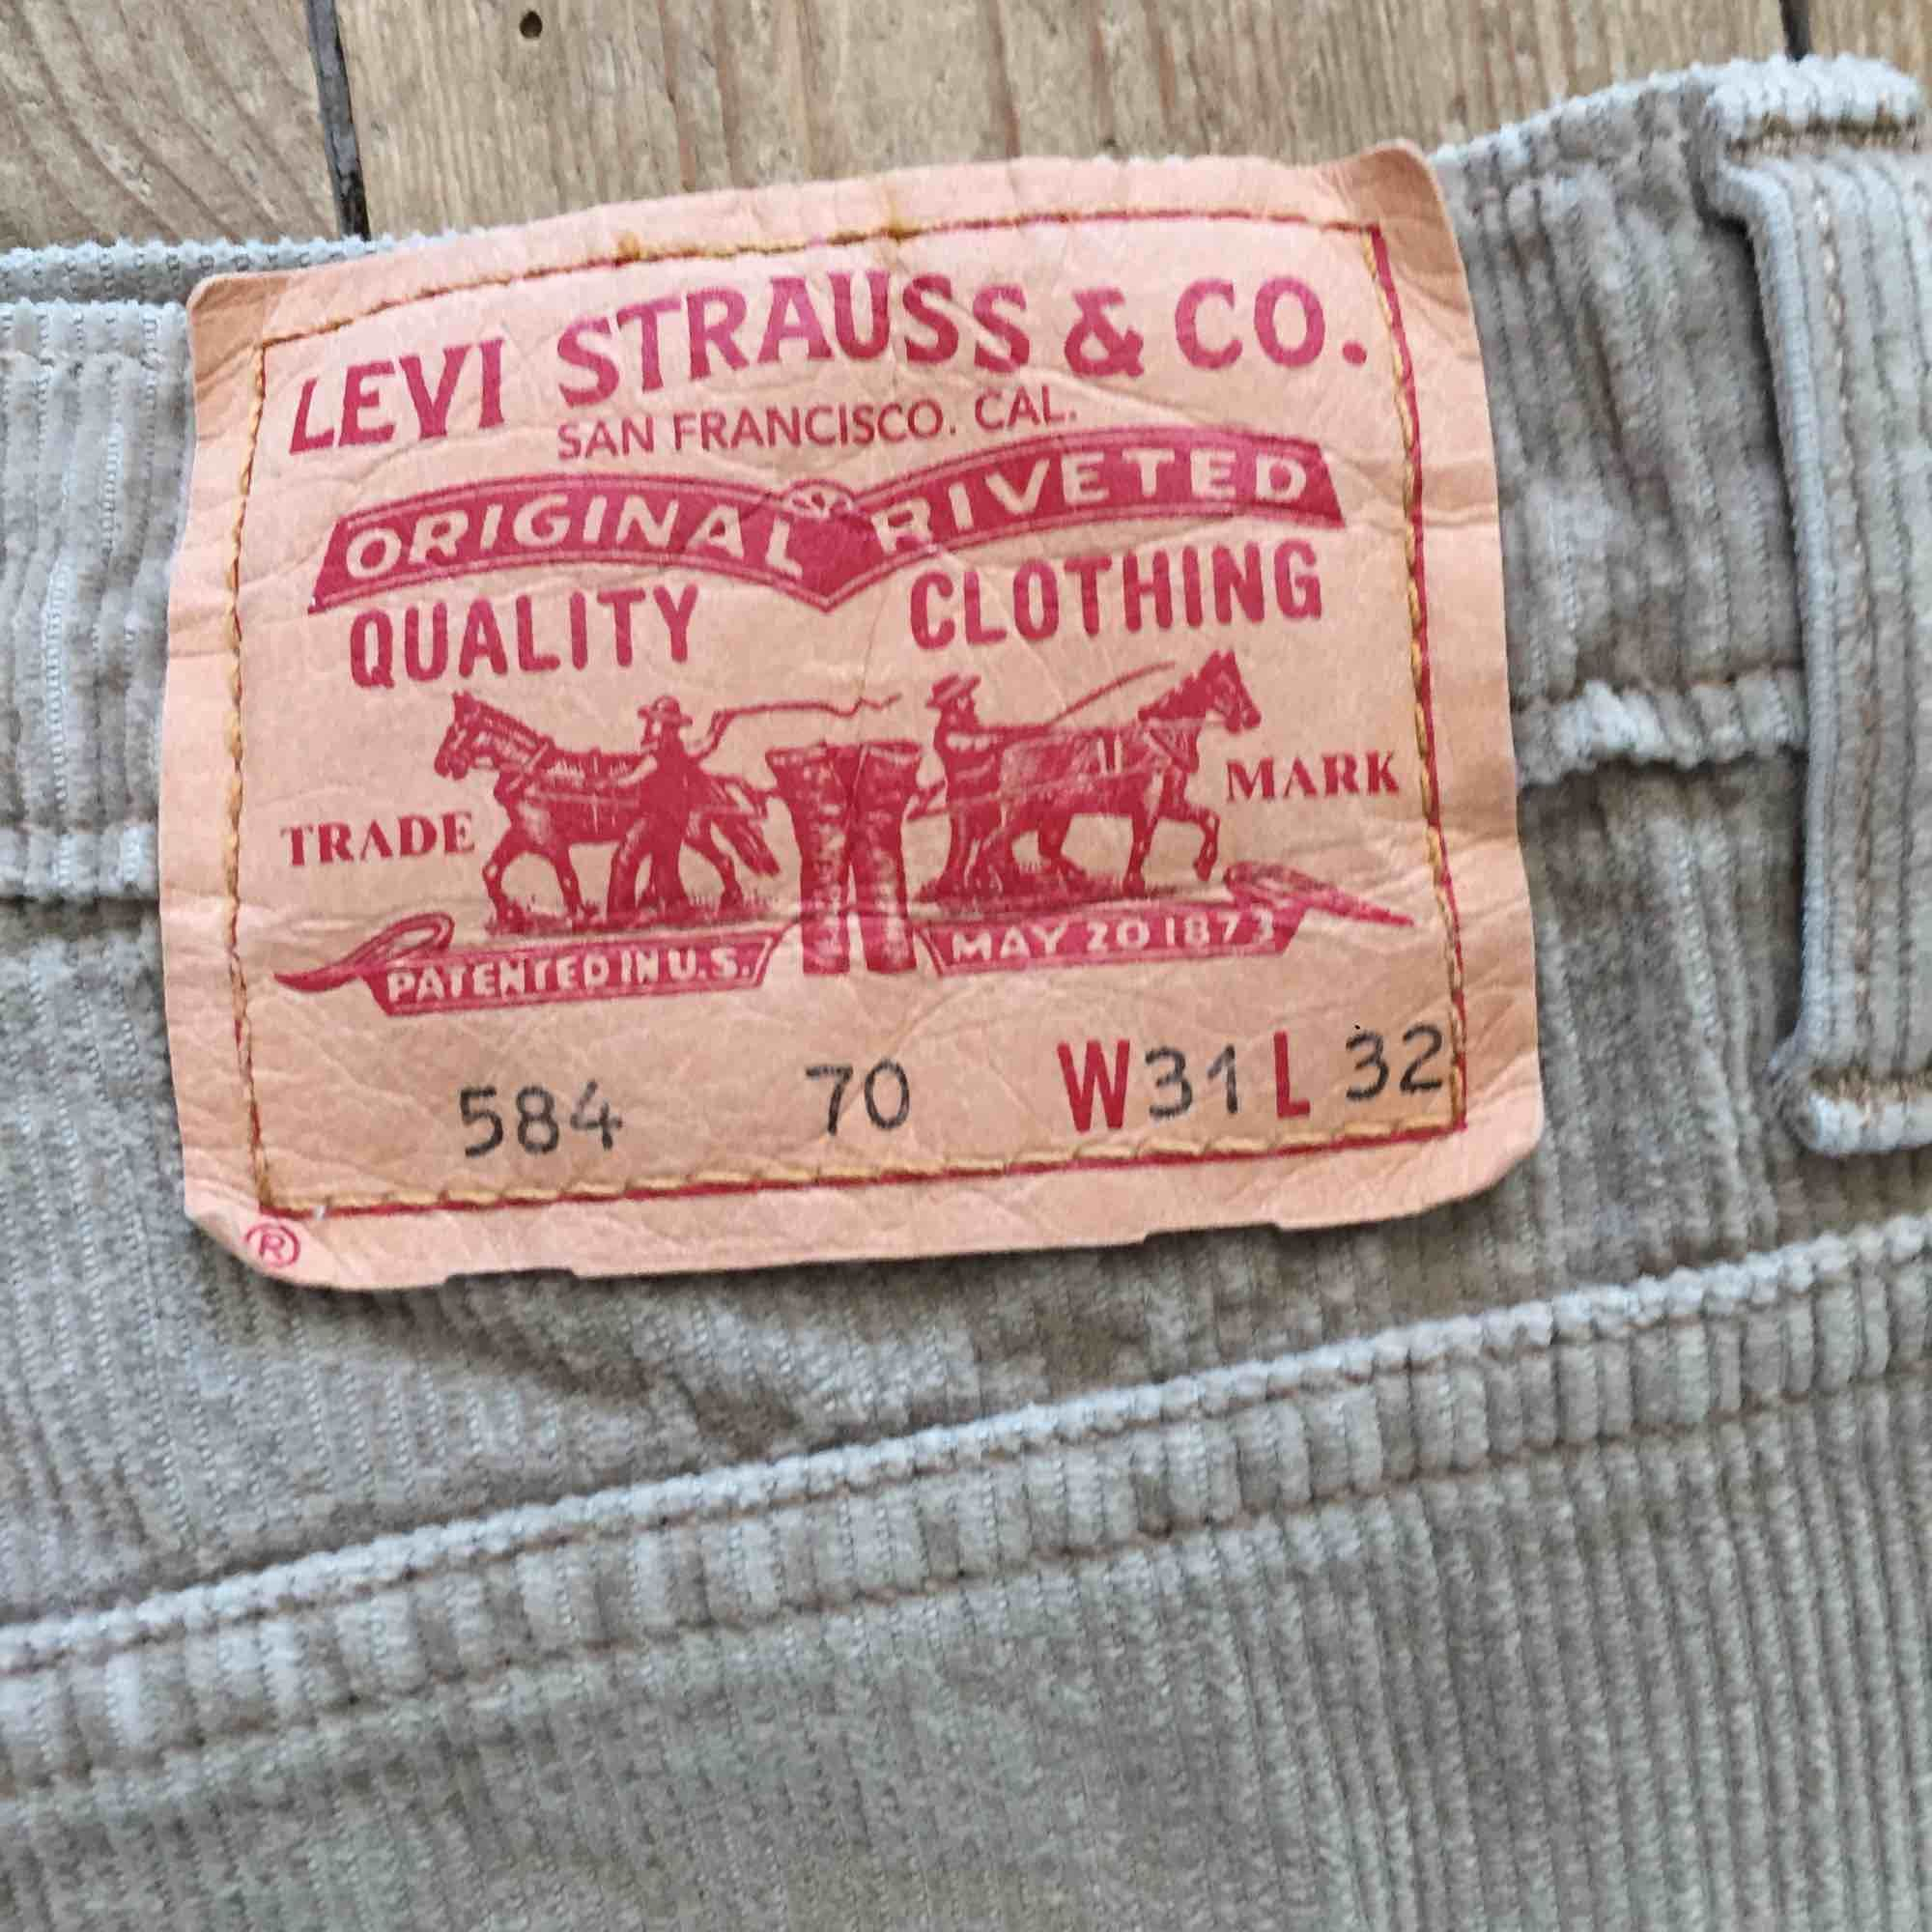 Jättesnygga Manchester Levis jeans! Bra skick och snygg färg! Pris kan diskuteras!. Jeans & Byxor.